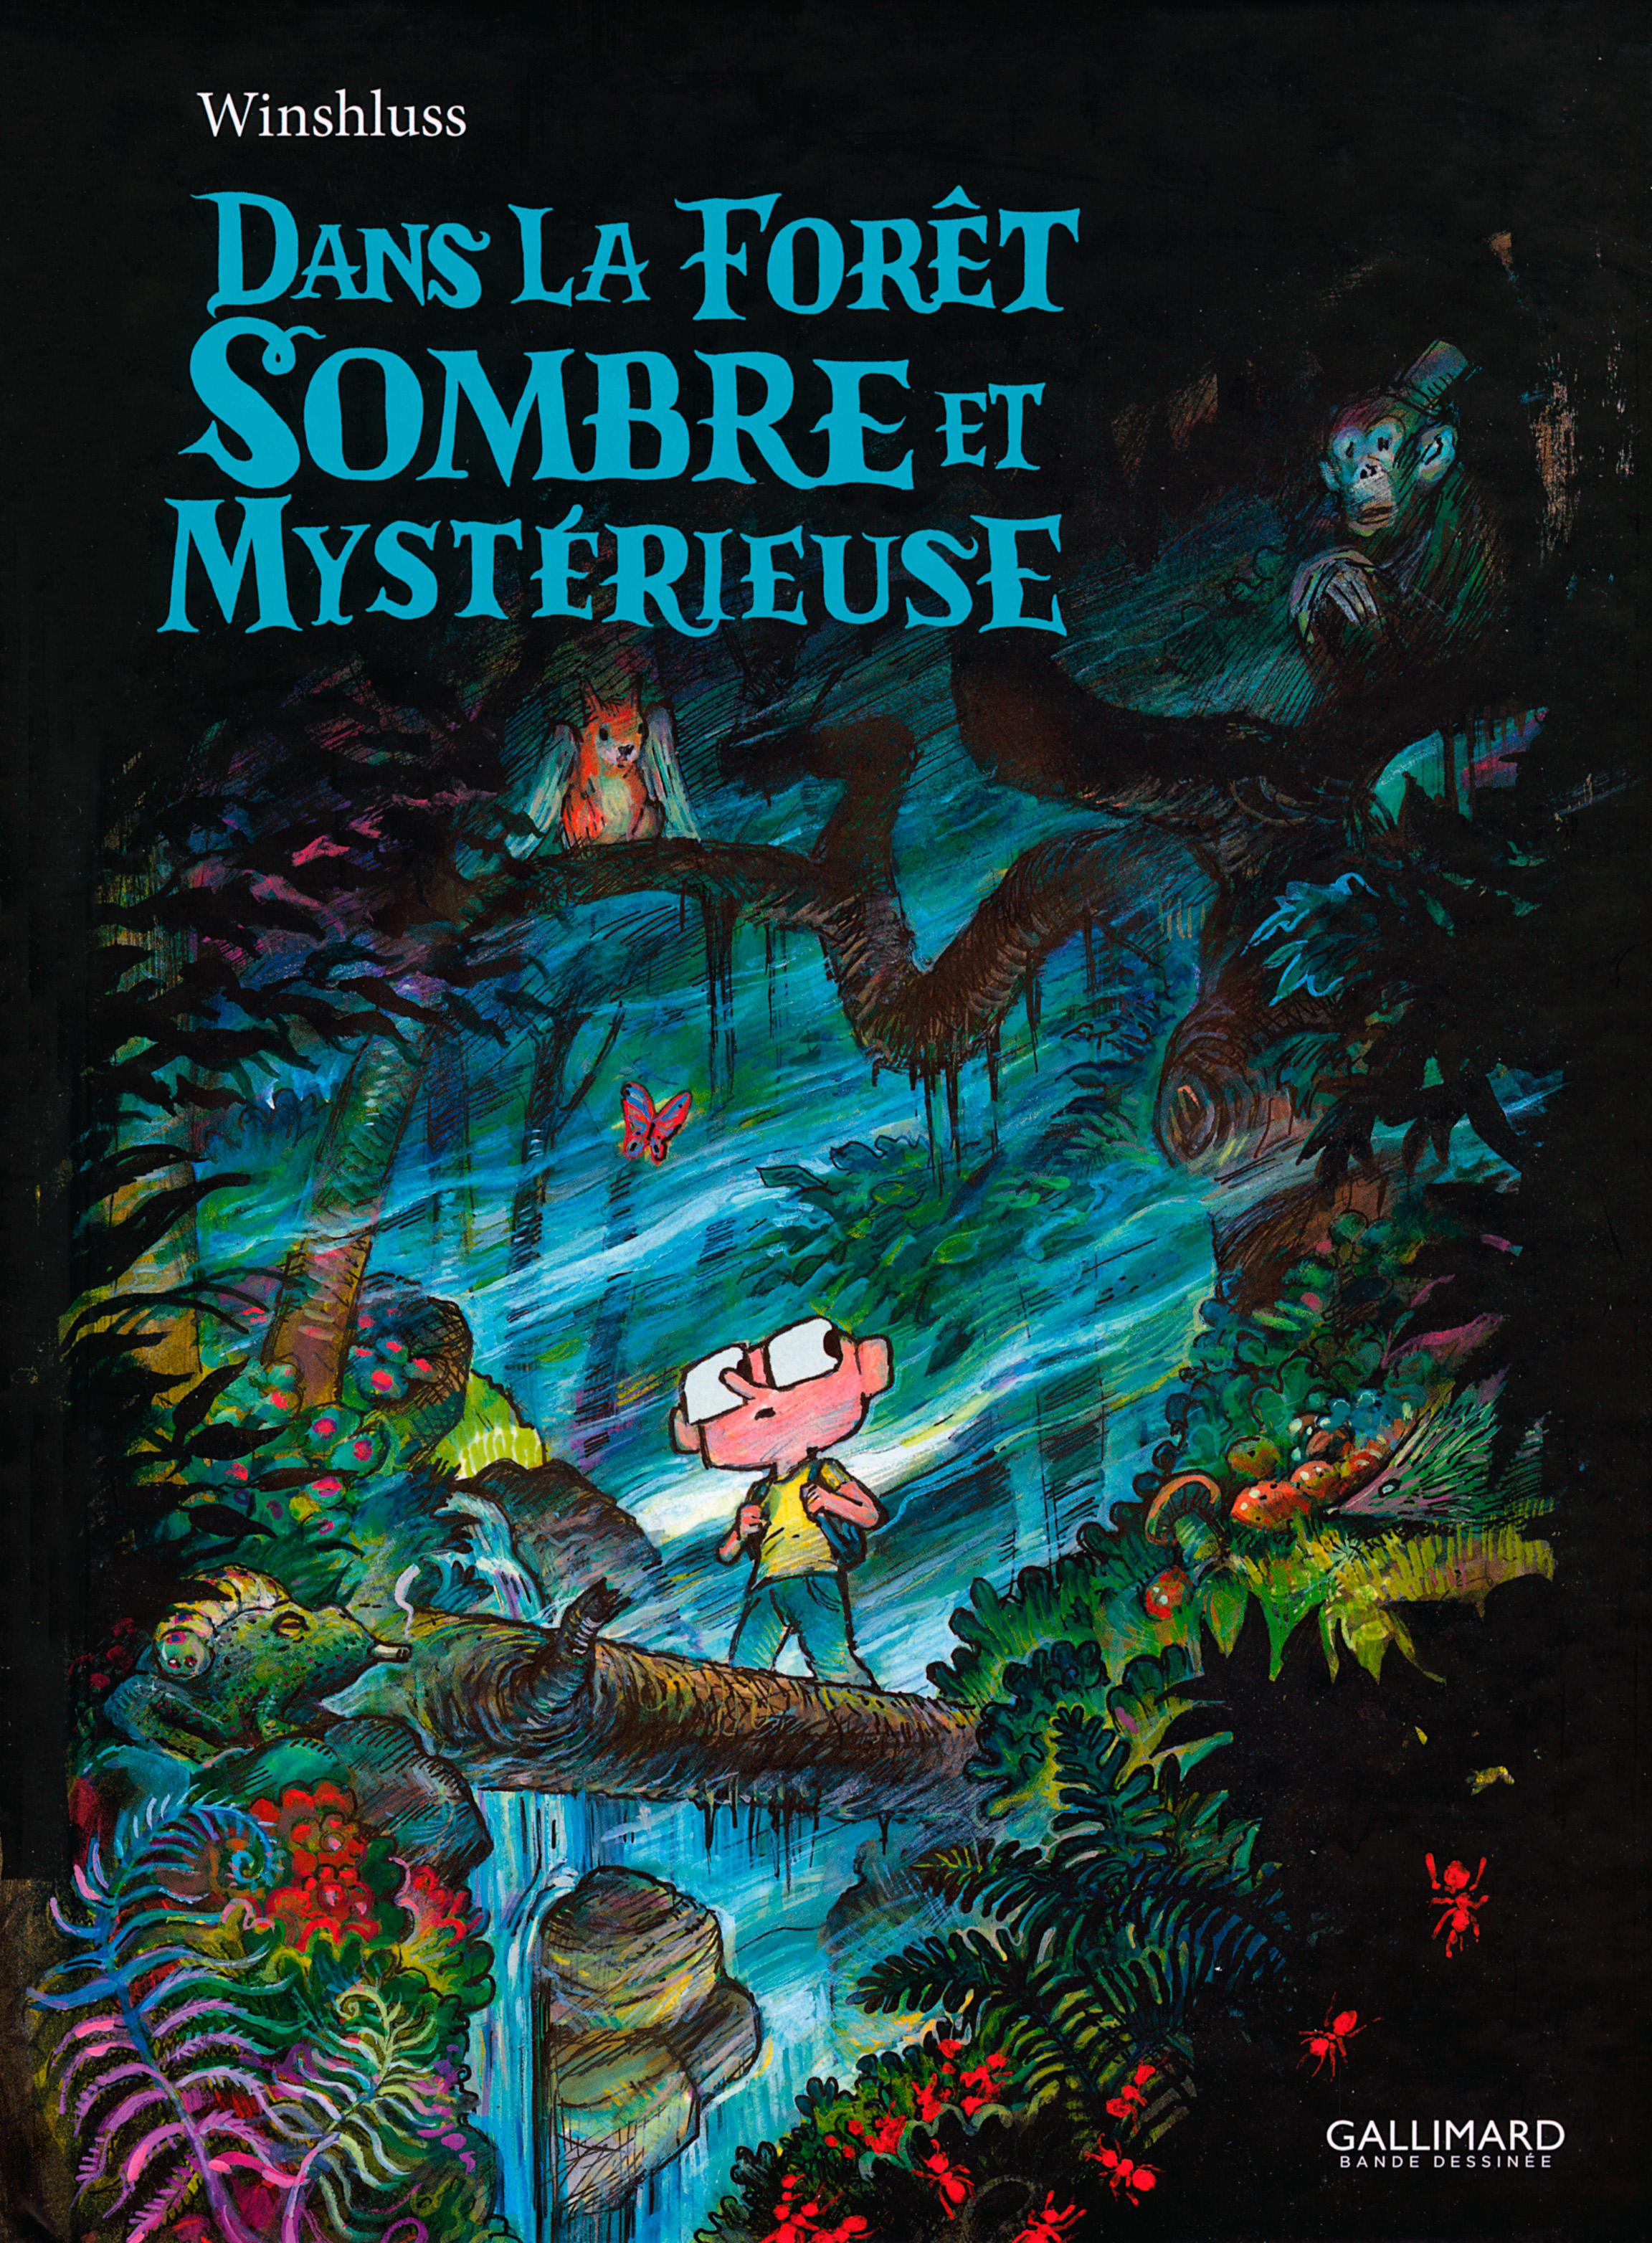 Dans la Forêt sombre et mystérieuse, les émotions de Winshluss nominées en Jeunesse à Angoulême 2017